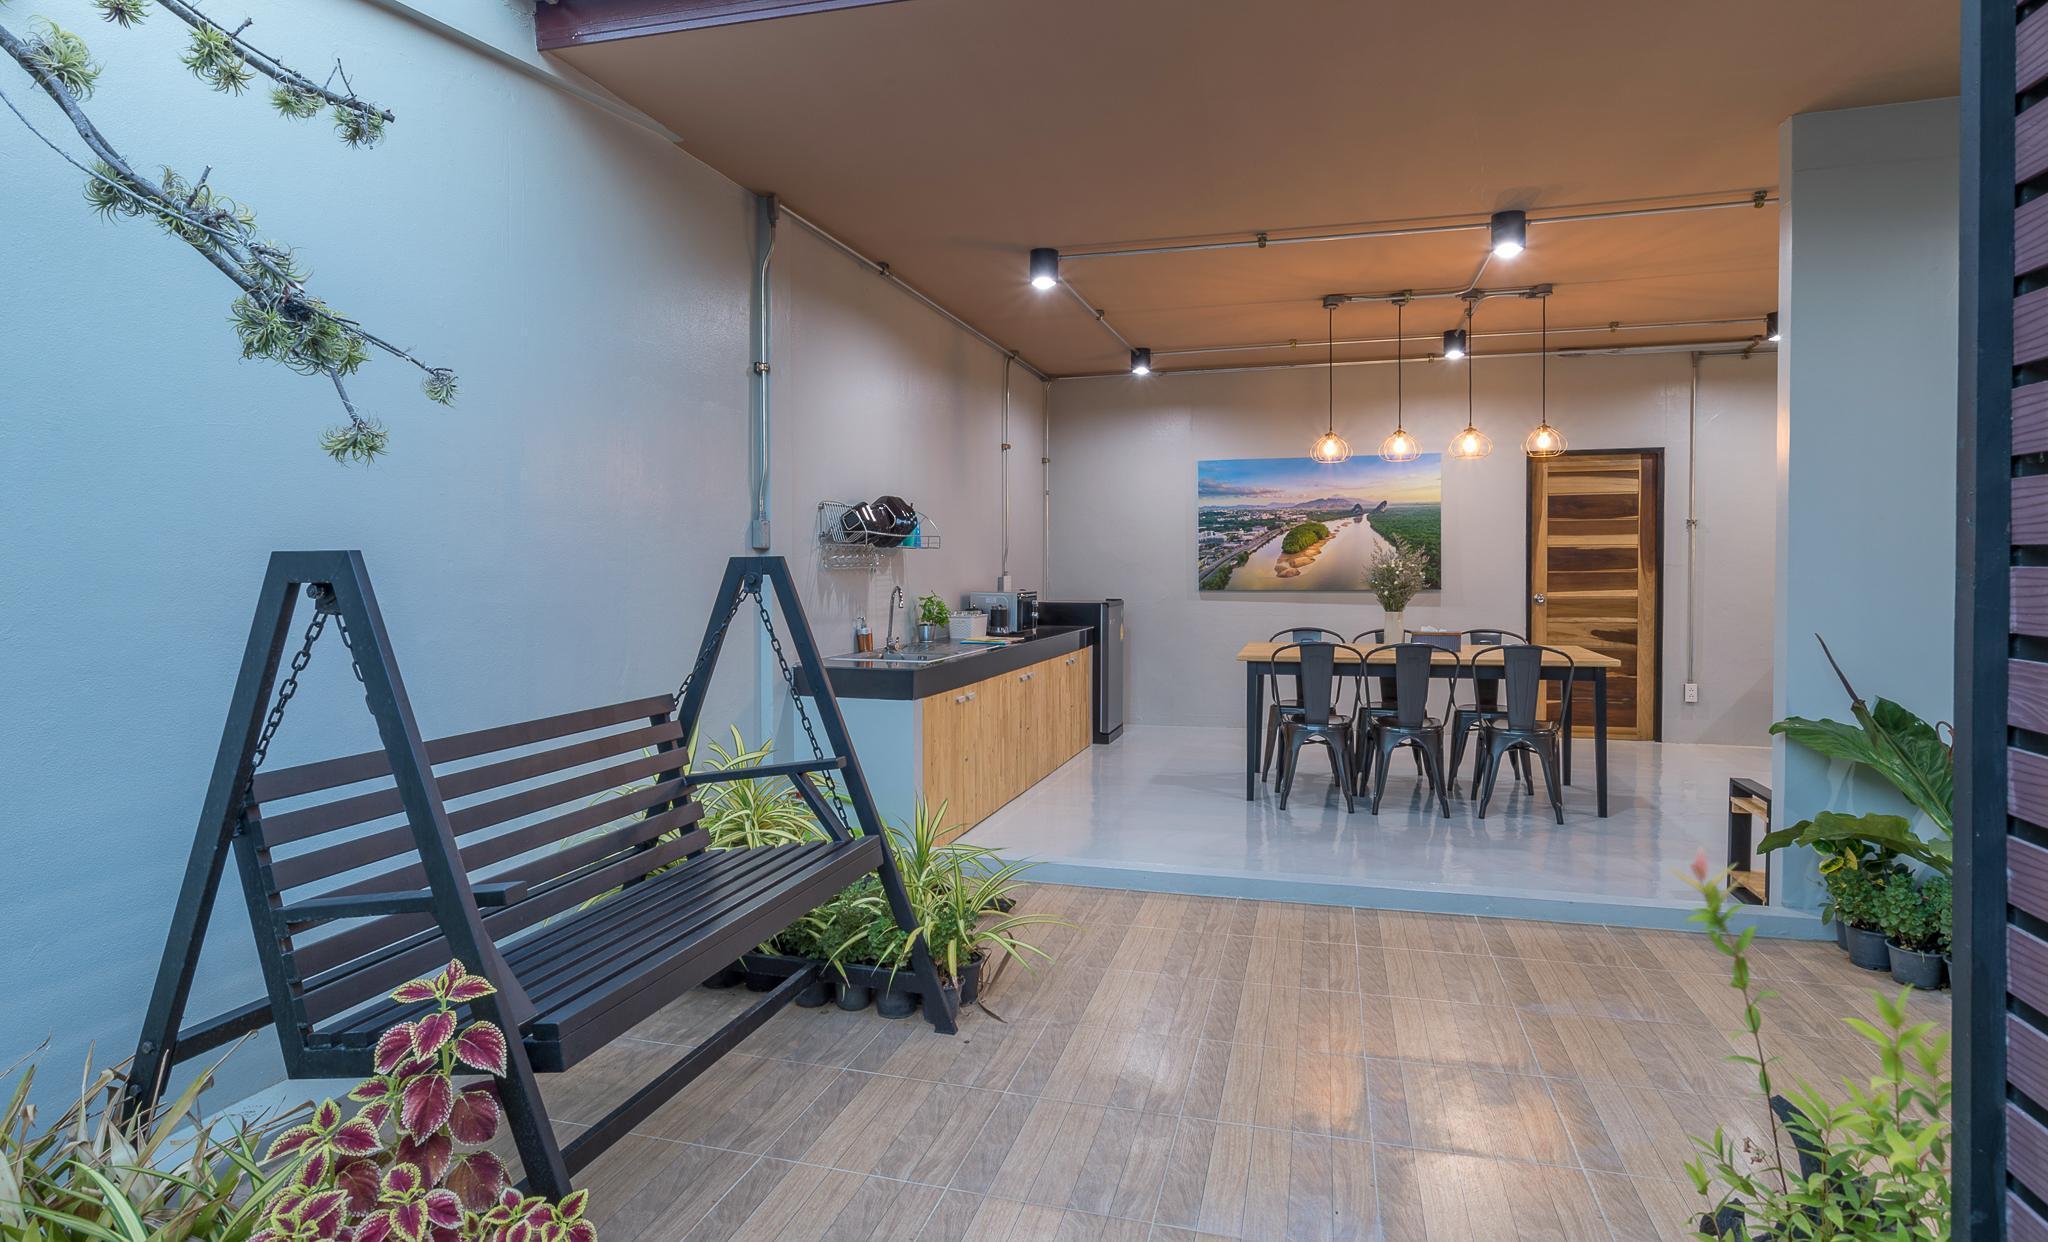 Brand New Loft 120s.qm. Room 100m. to Night Market อพาร์ตเมนต์ 2 ห้องนอน 2 ห้องน้ำส่วนตัว ขนาด 120 ตร.ม. – ตัวเมืองกระบี่